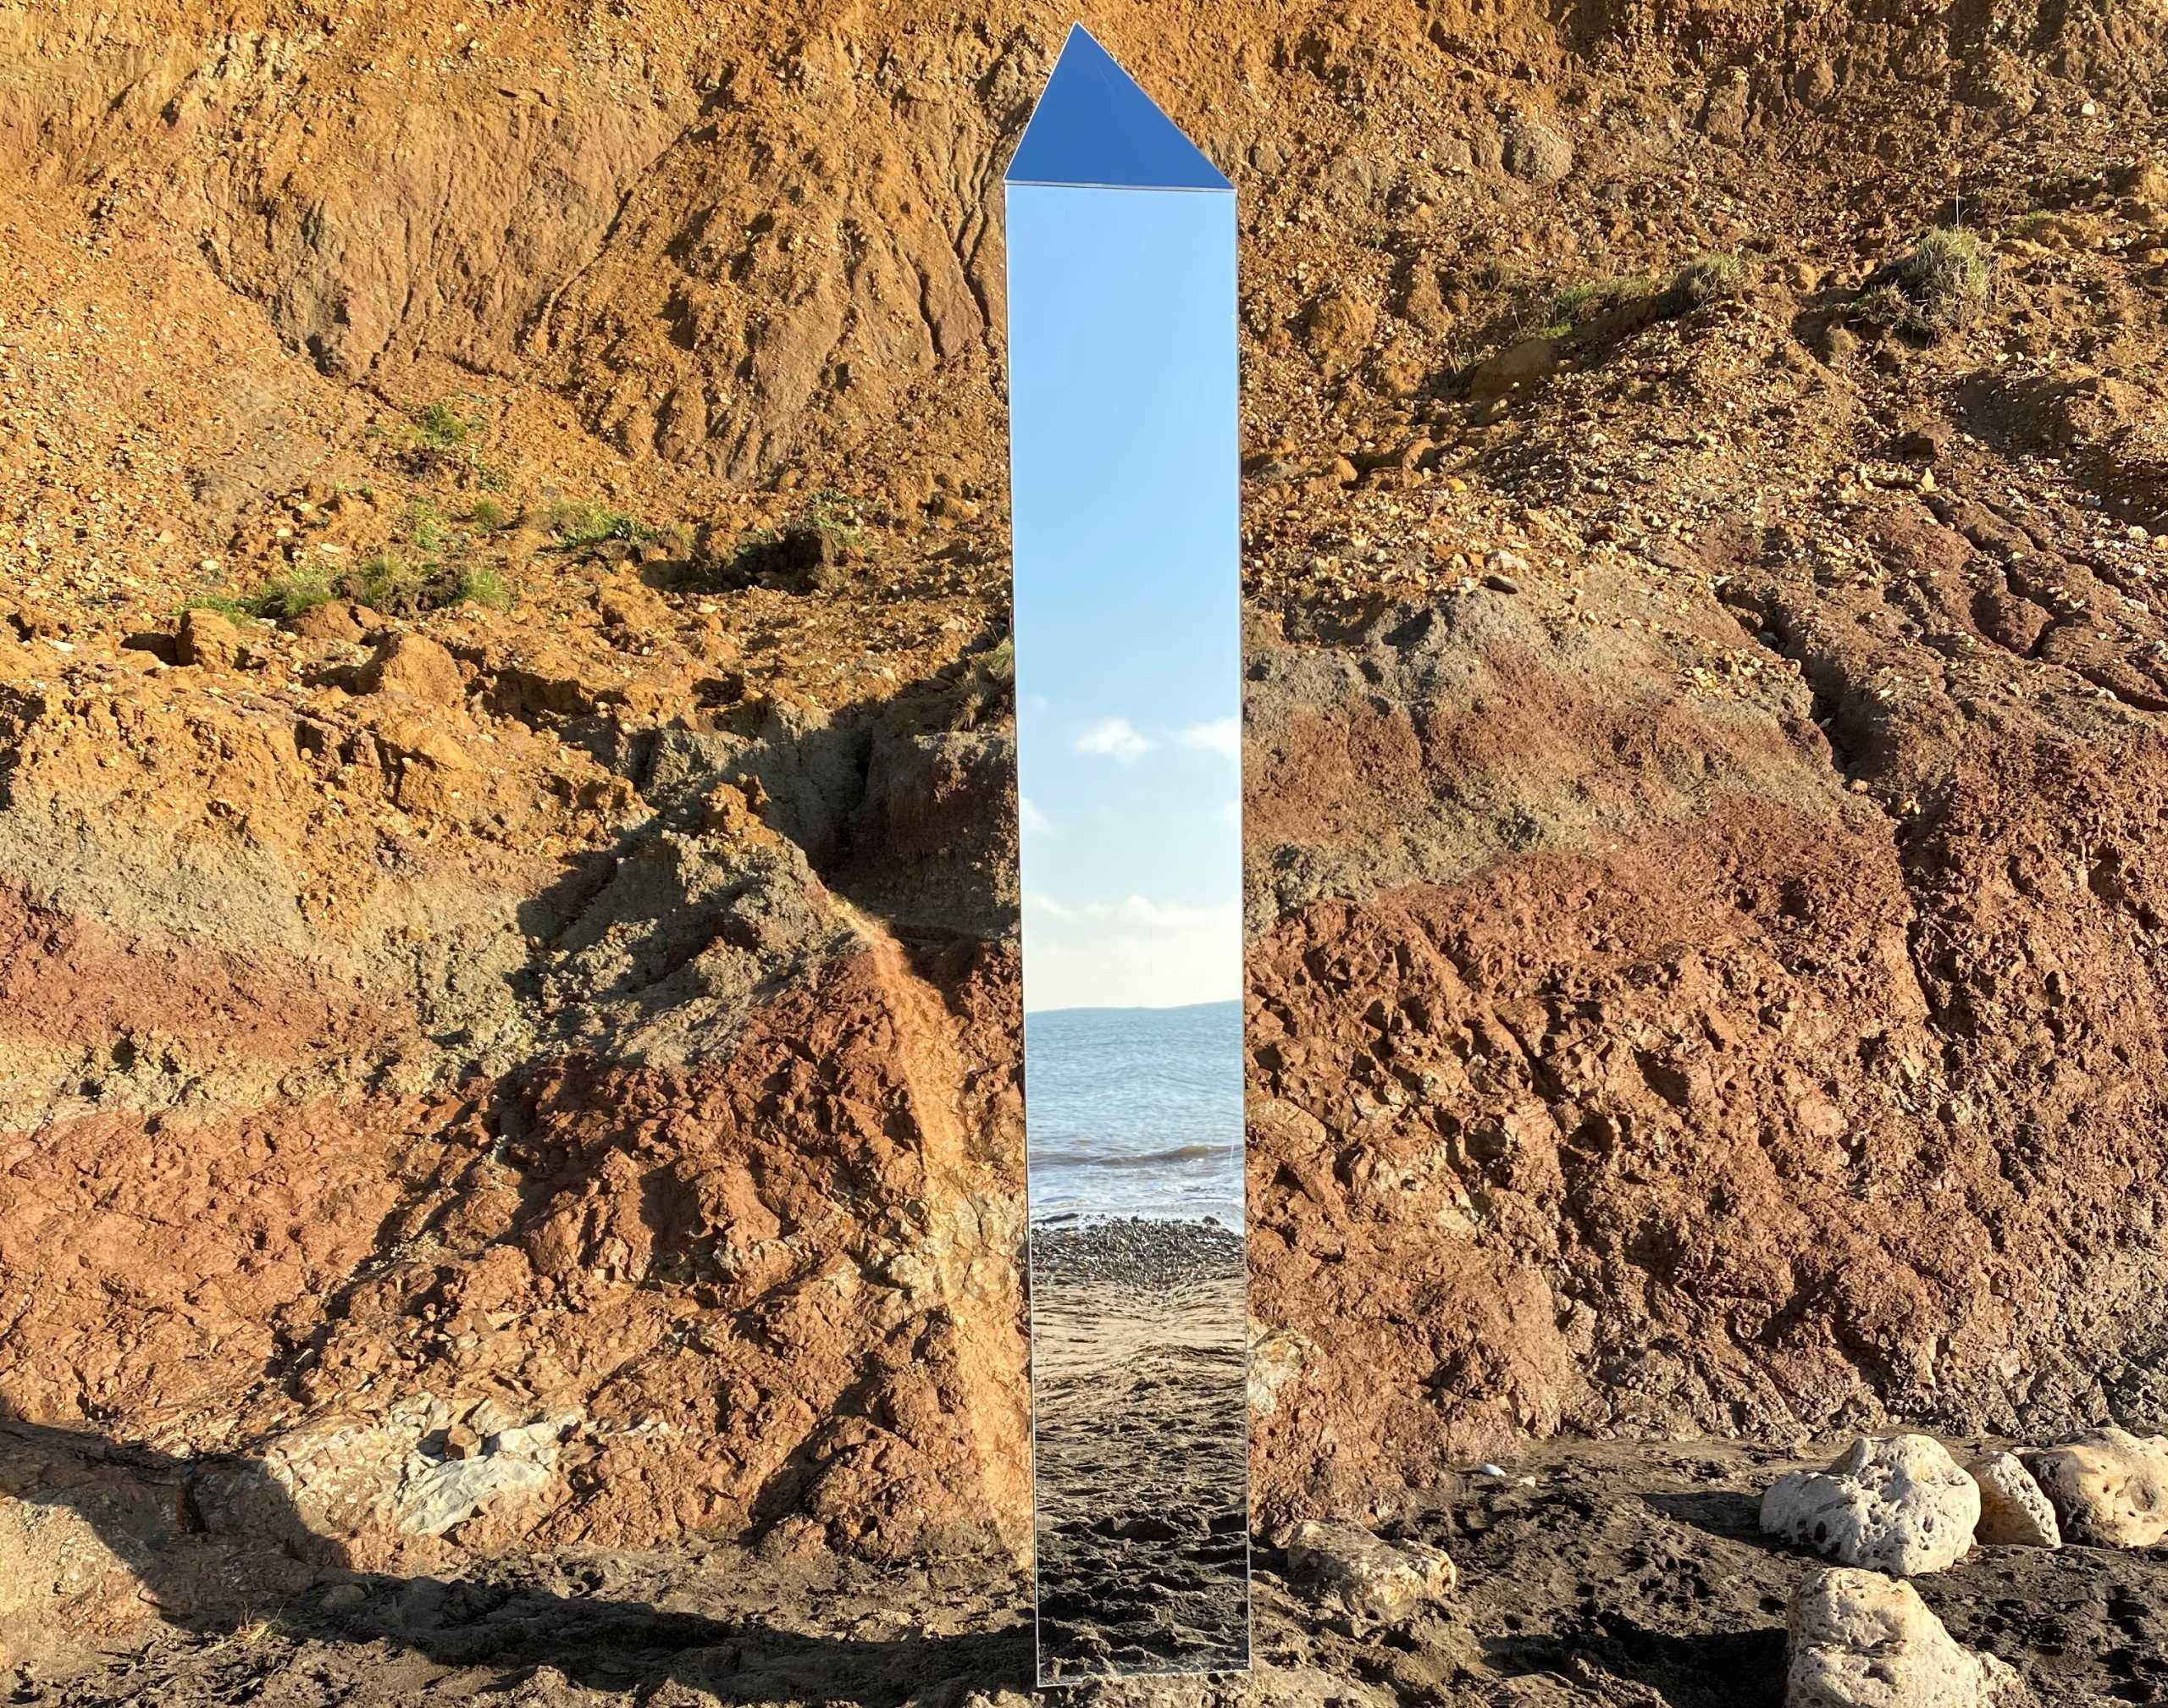 Μονόλιθοι εμφανίζονται ο ένας μετά τον άλλον δε όλο τον κόσμο (pics, video)